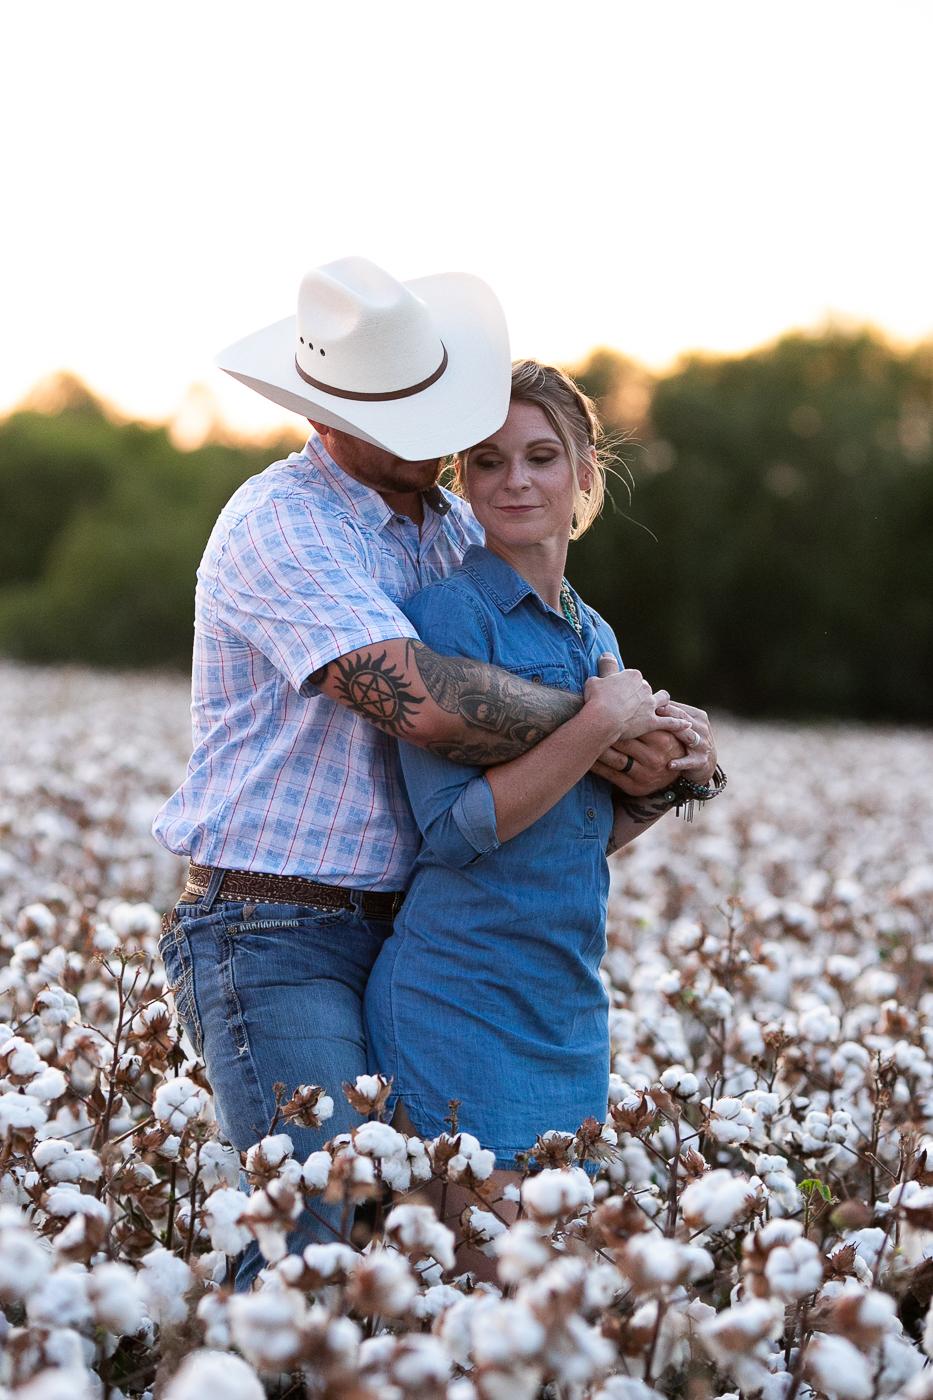 cotton-field-couple-portrait-mini-session-san-antonio-lytle-10.jpg